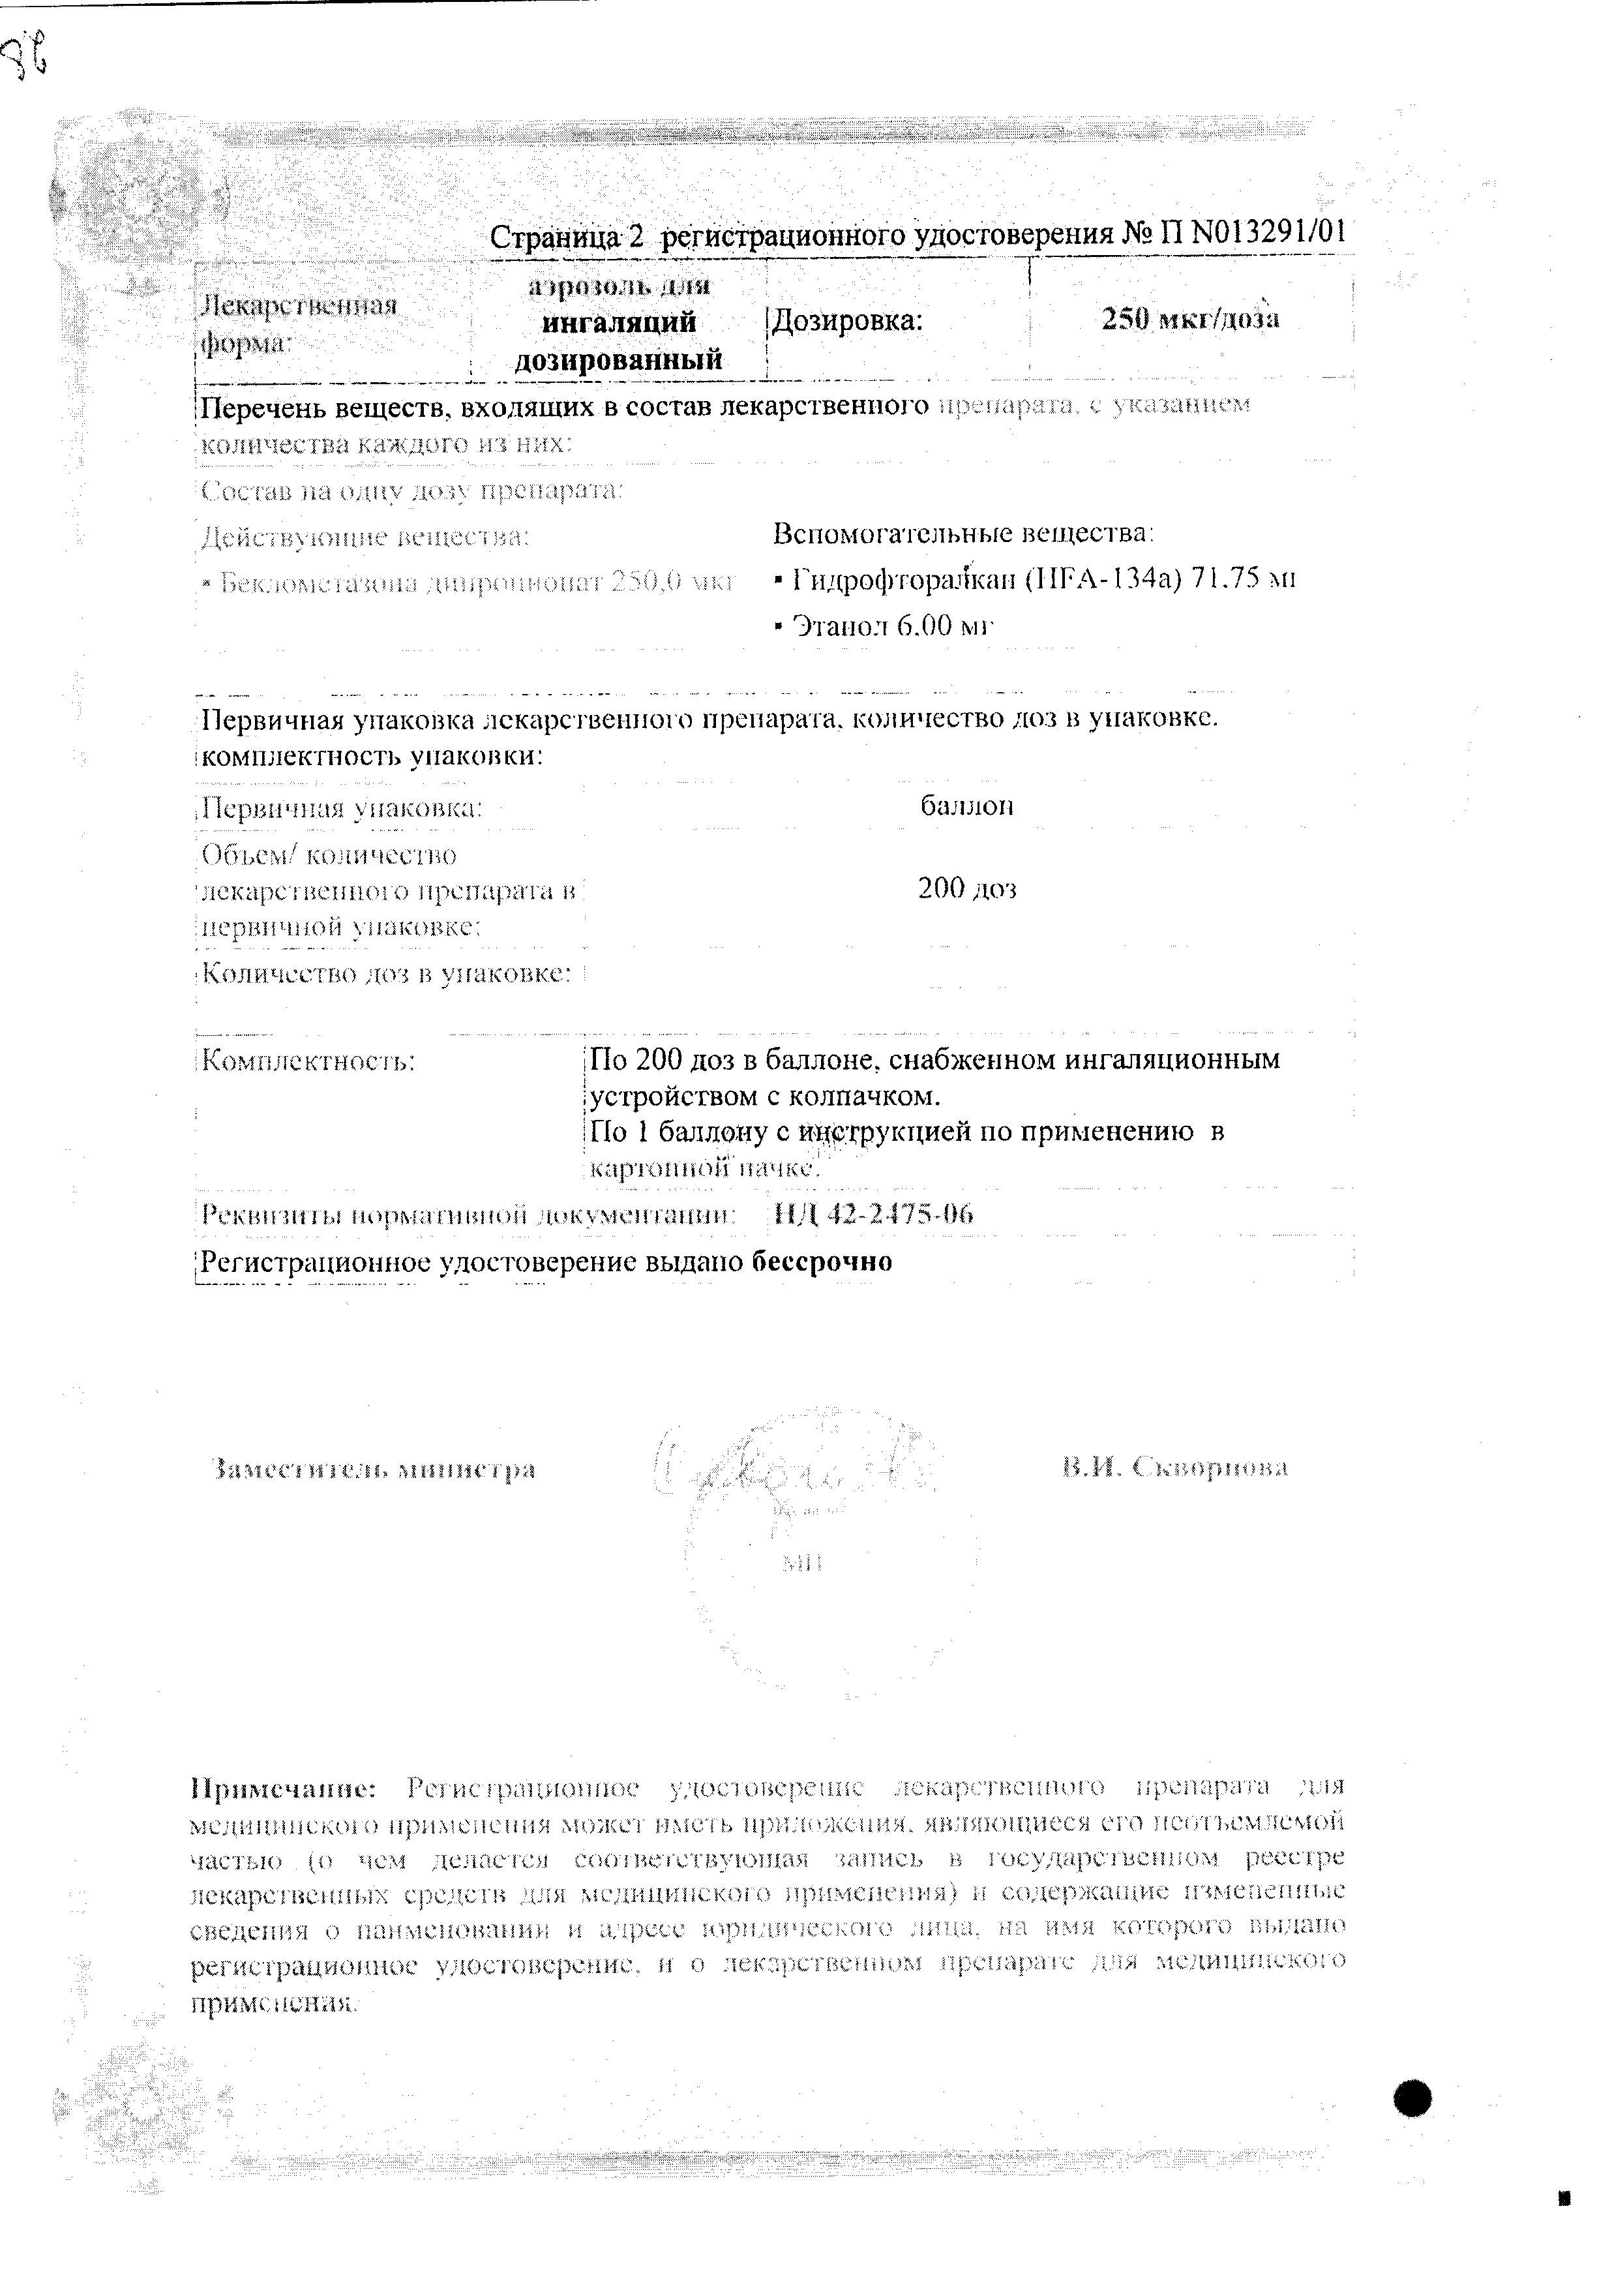 Беклазон Эко сертификат